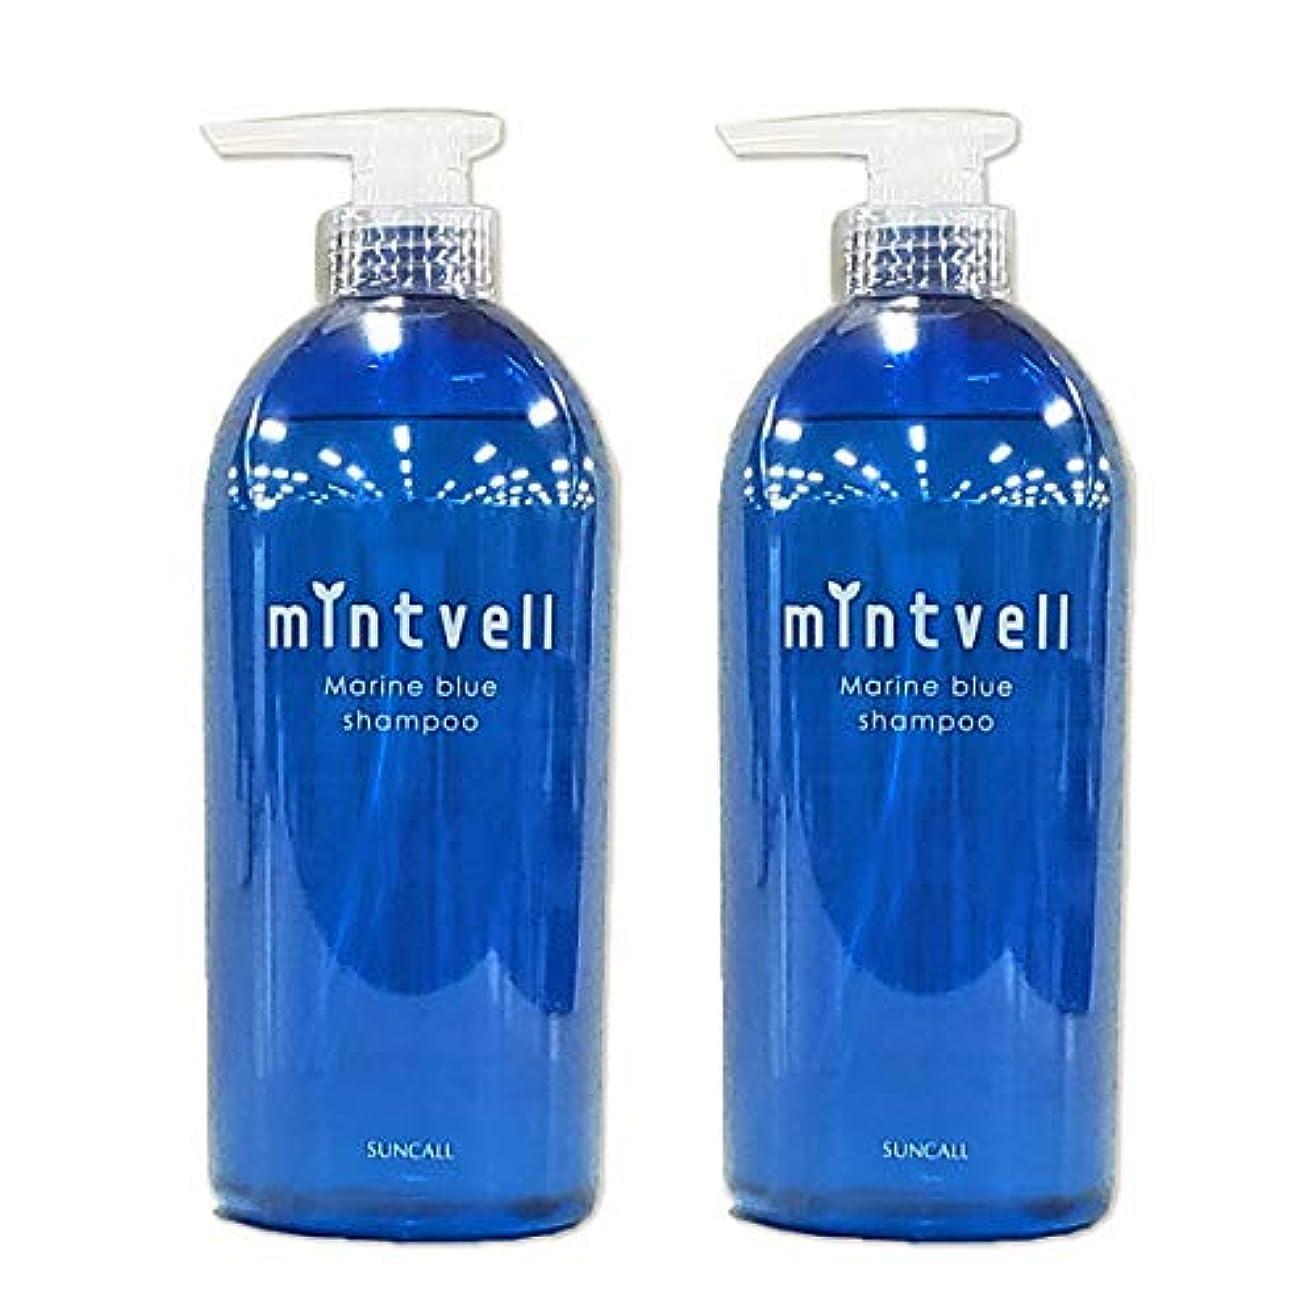 特許サイレン反対したサンコール ミントベル マリンブルー シャンプー <675mL×2個セット> SUNCALL mintvell メントール